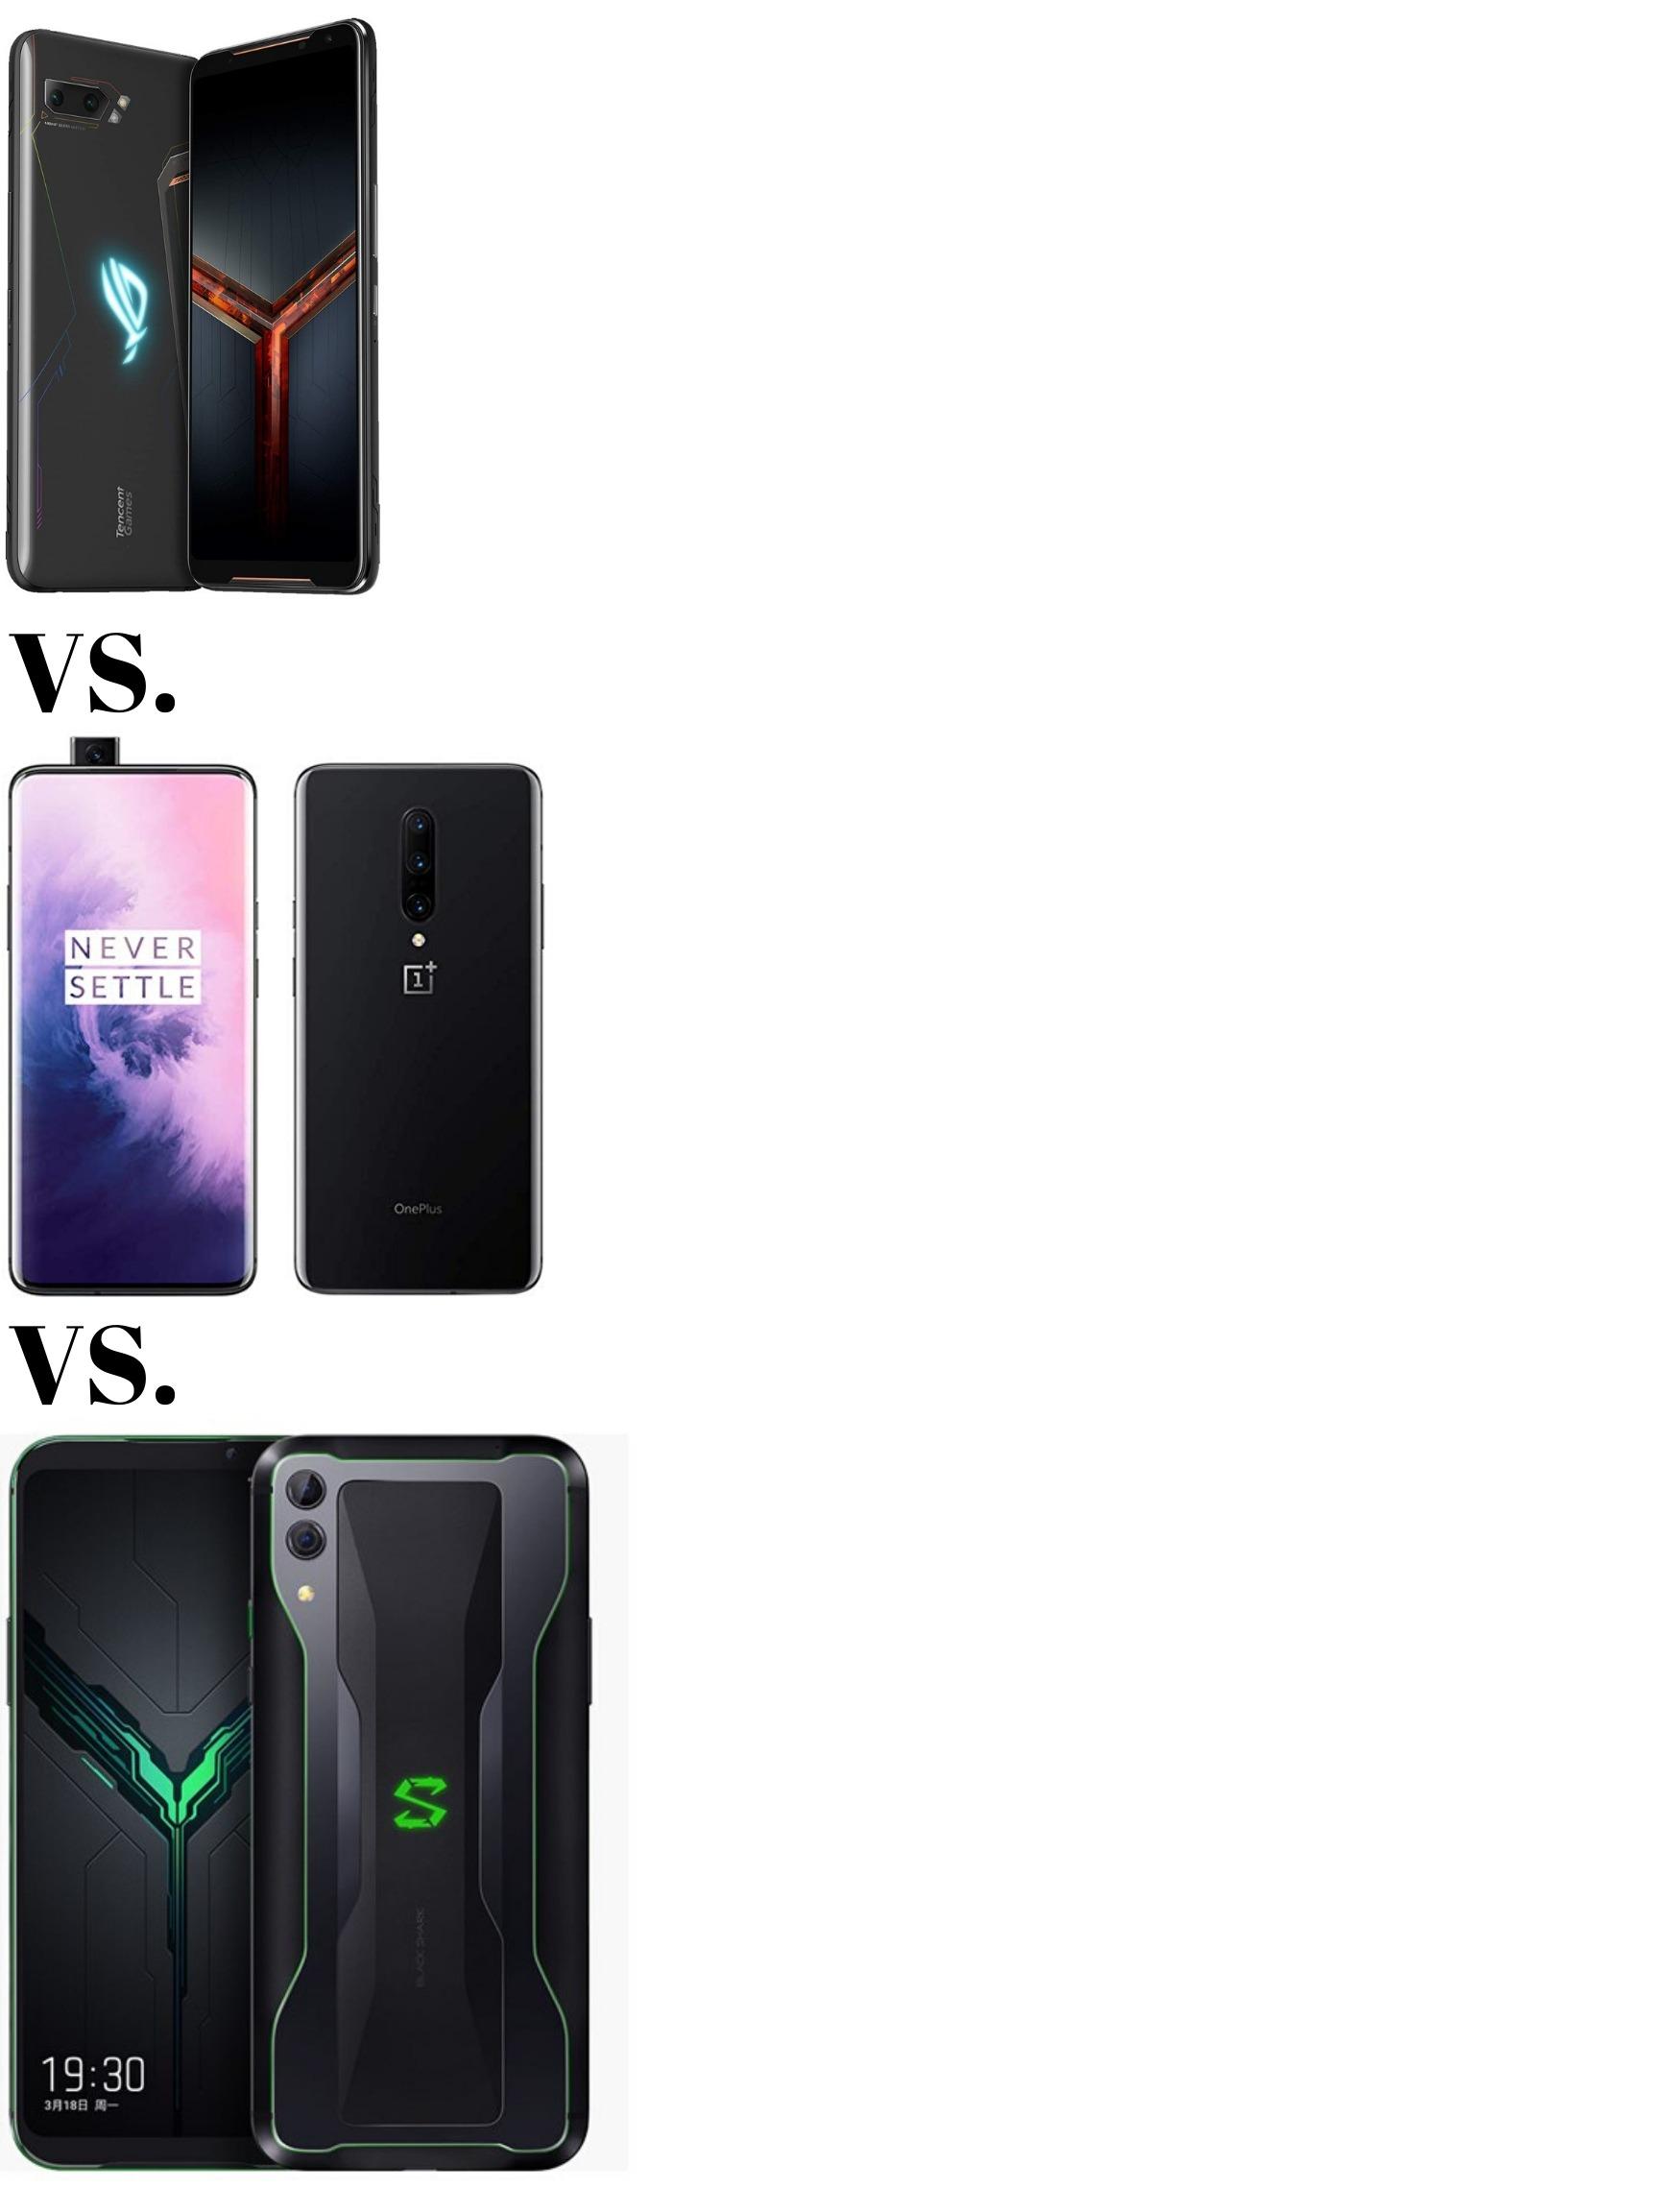 Gaming Phones Battle: Asus ROG Phone 2 vs One Plus 7 Pro vs Xiaomi Black Shark 2